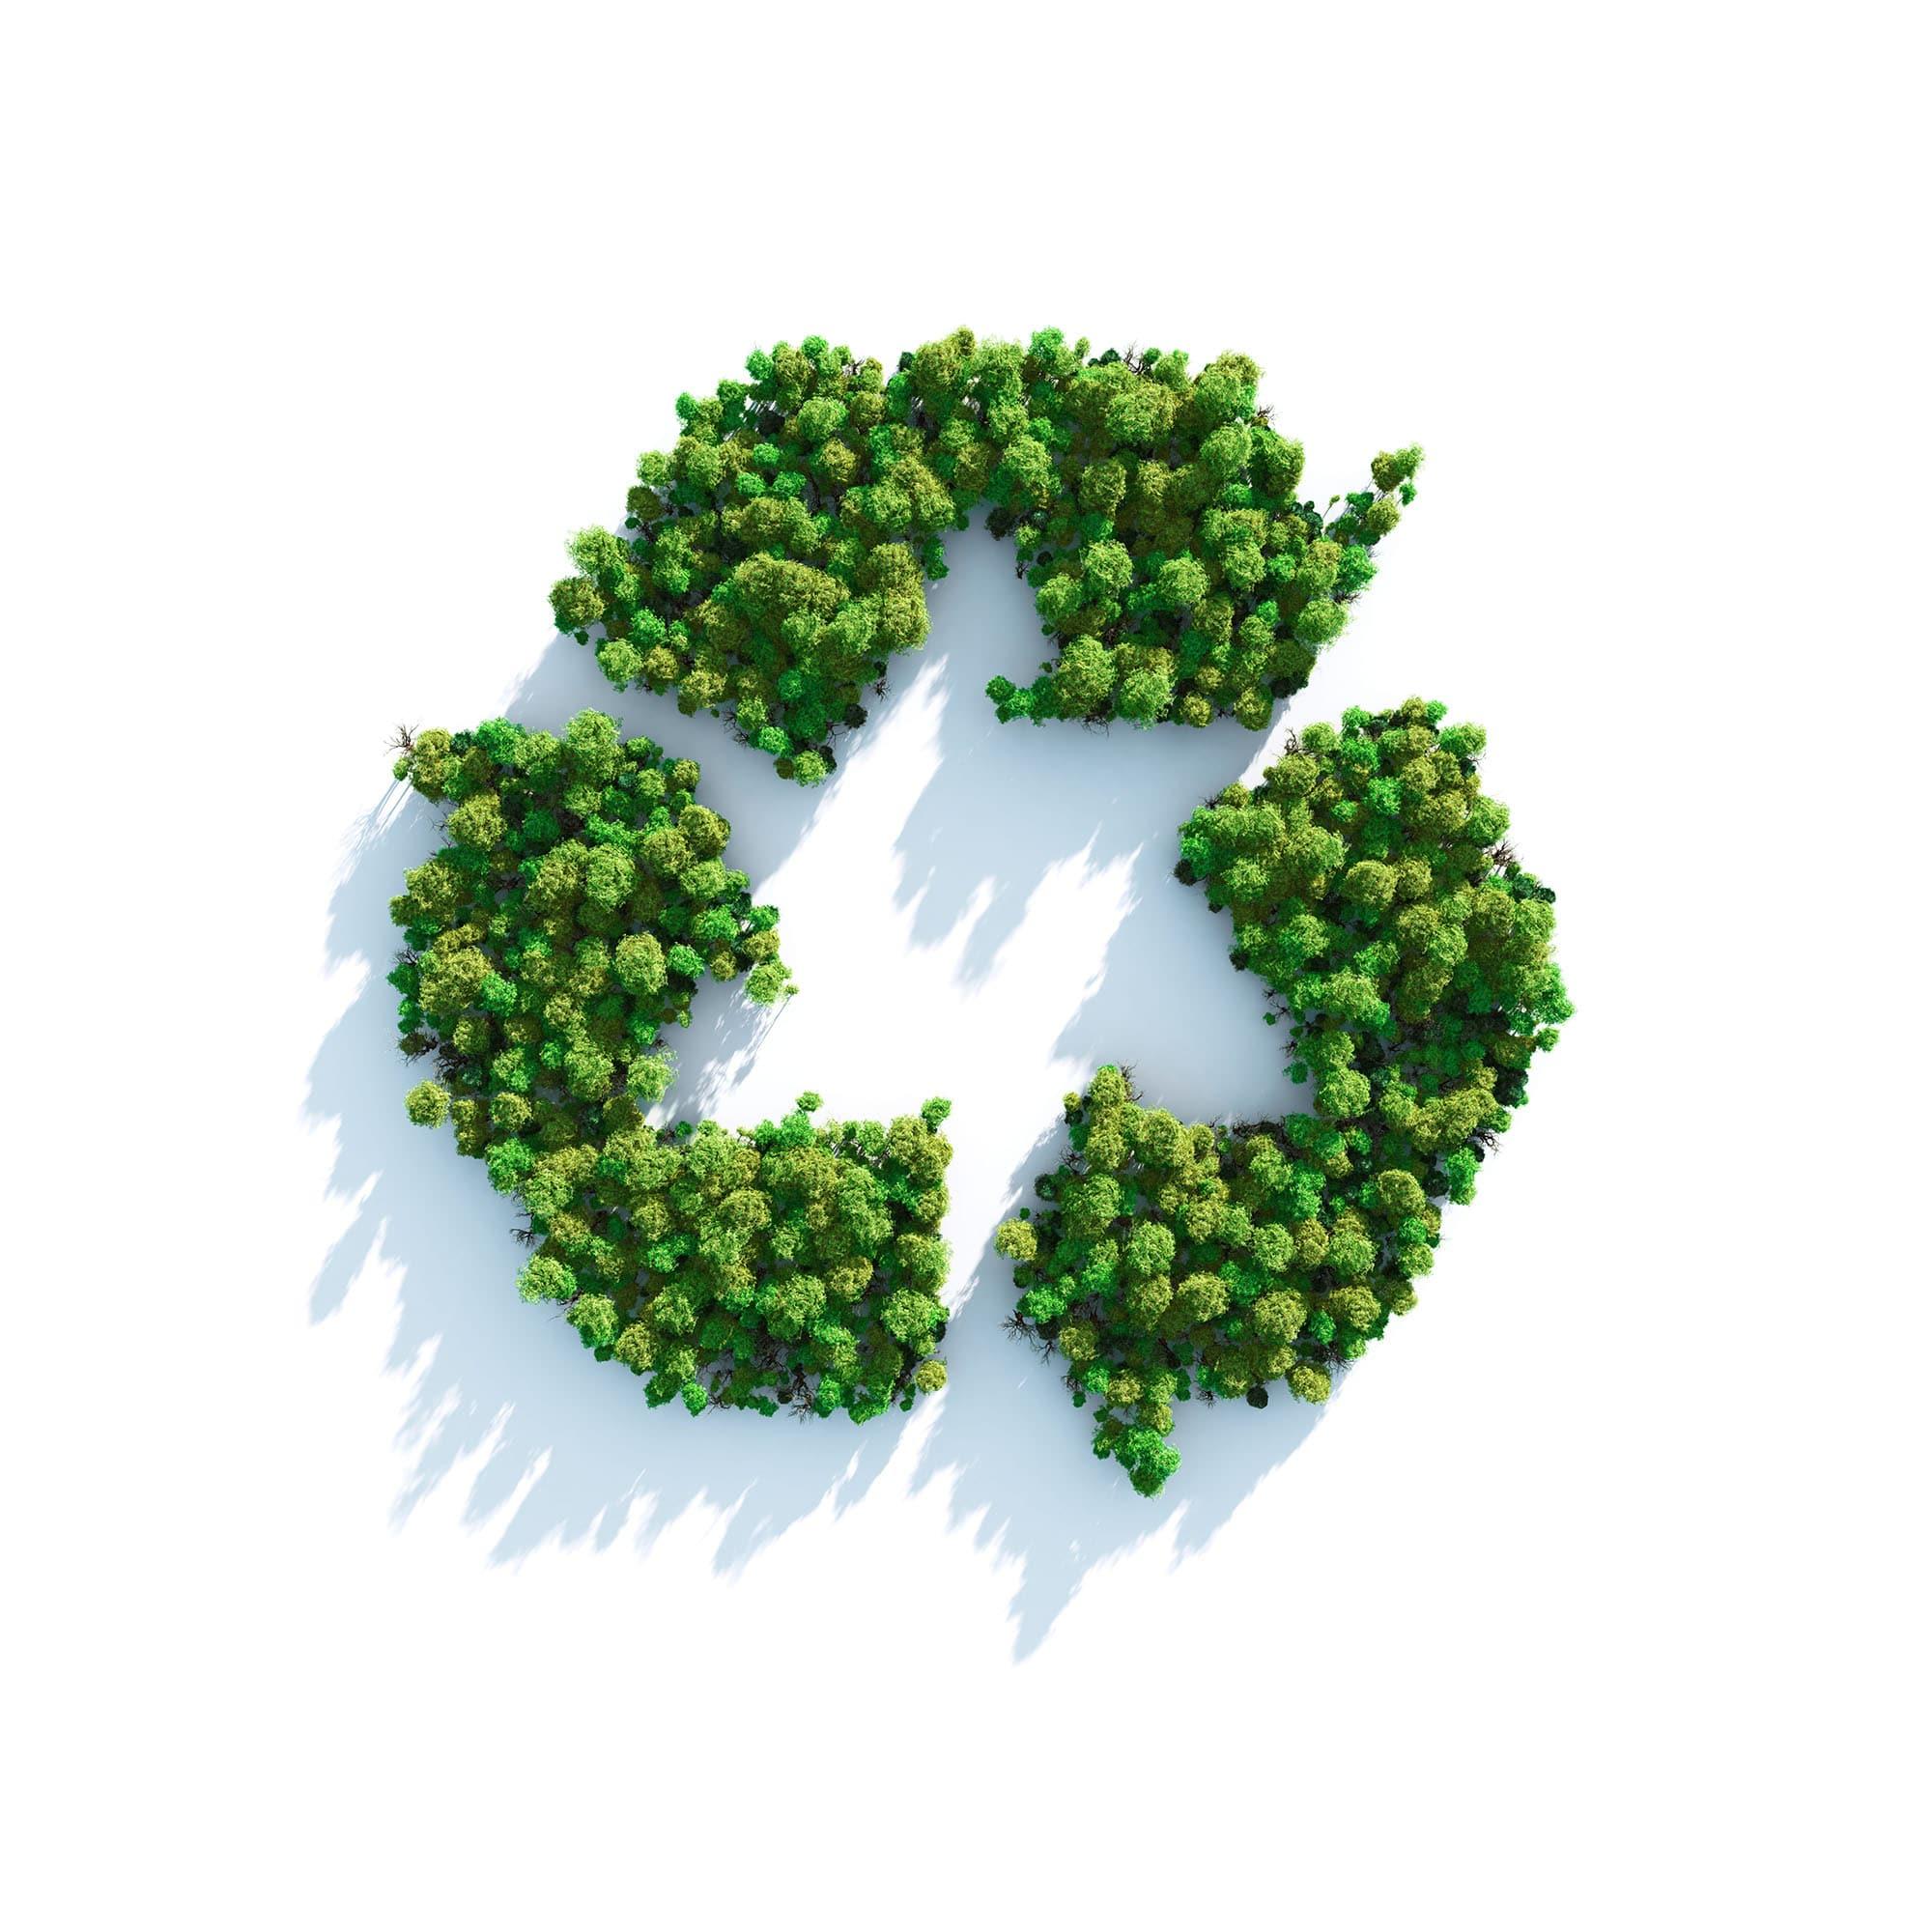 Ανακύκλωση, το δυνατό μας χαρτί